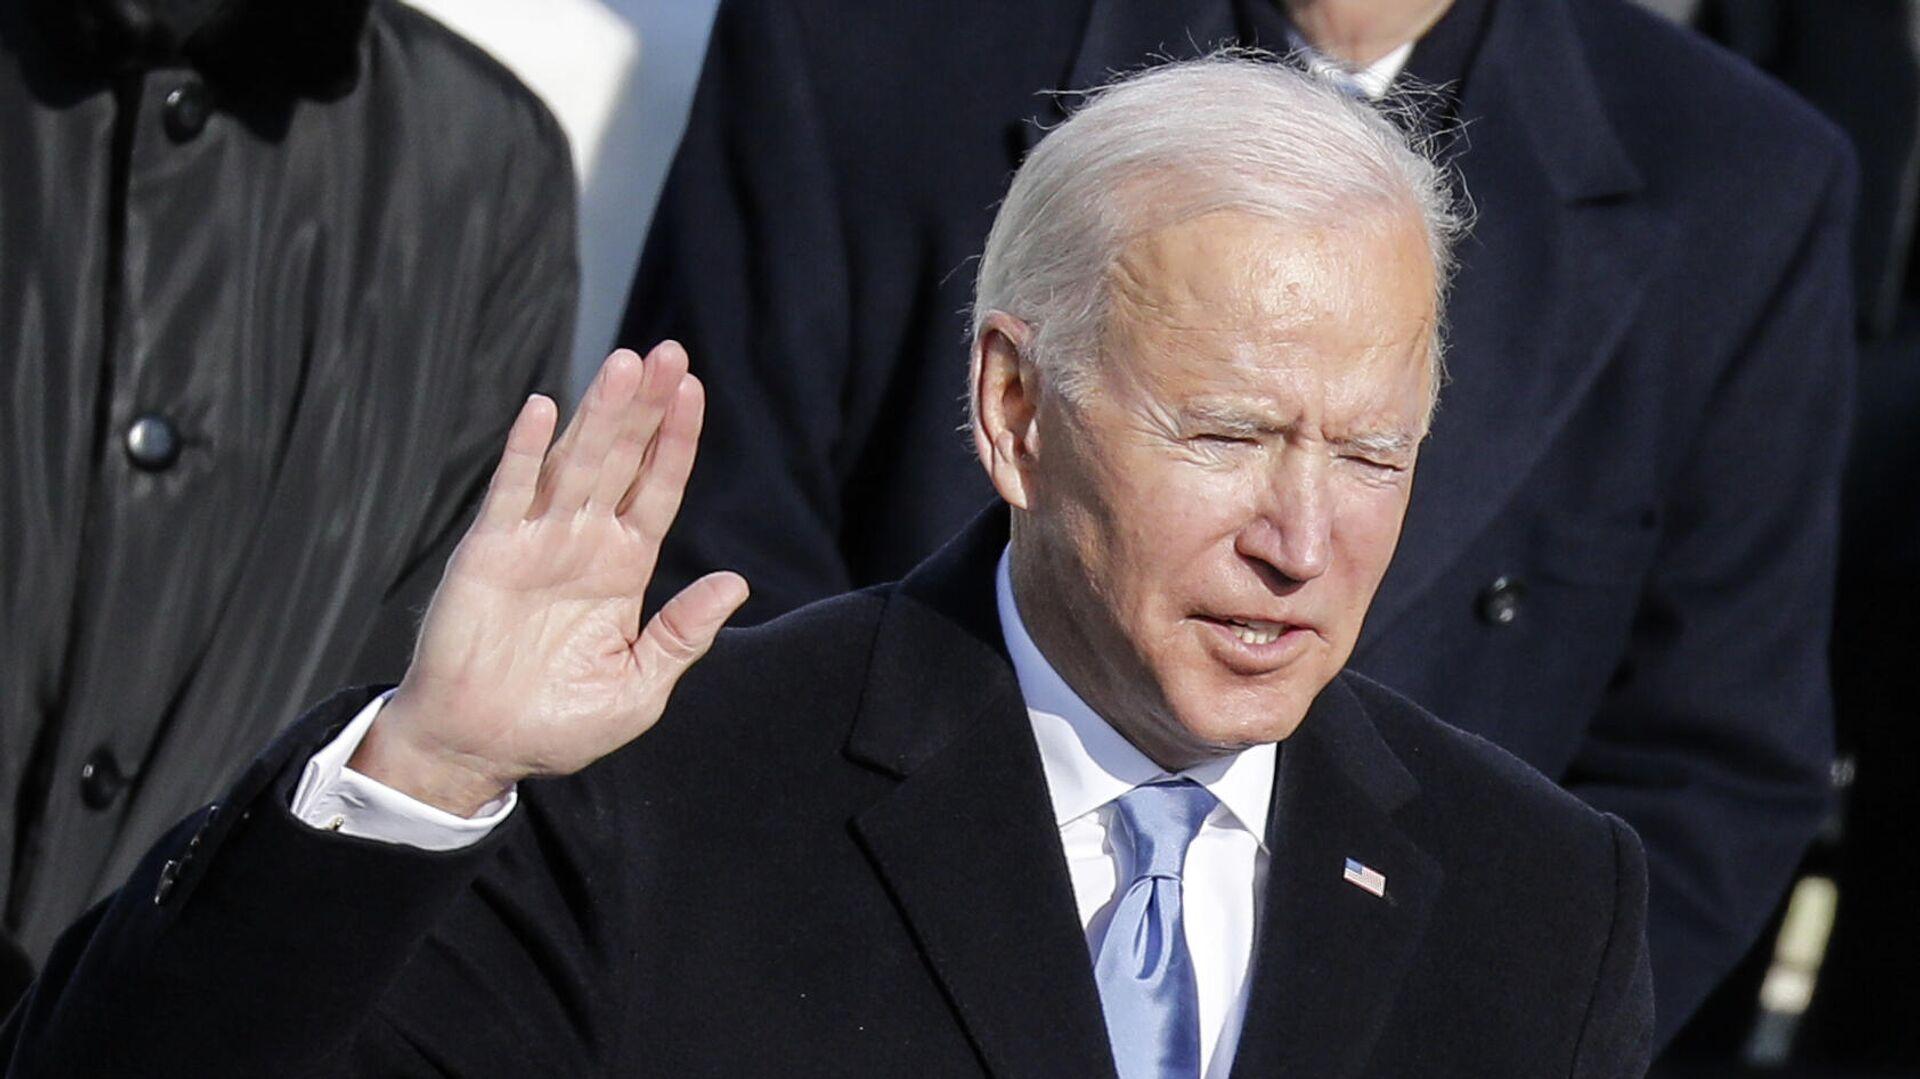 Joe Biden bei der Vereidigung als US-Präsident am 20. Januar 2021 - SNA, 1920, 26.01.2021